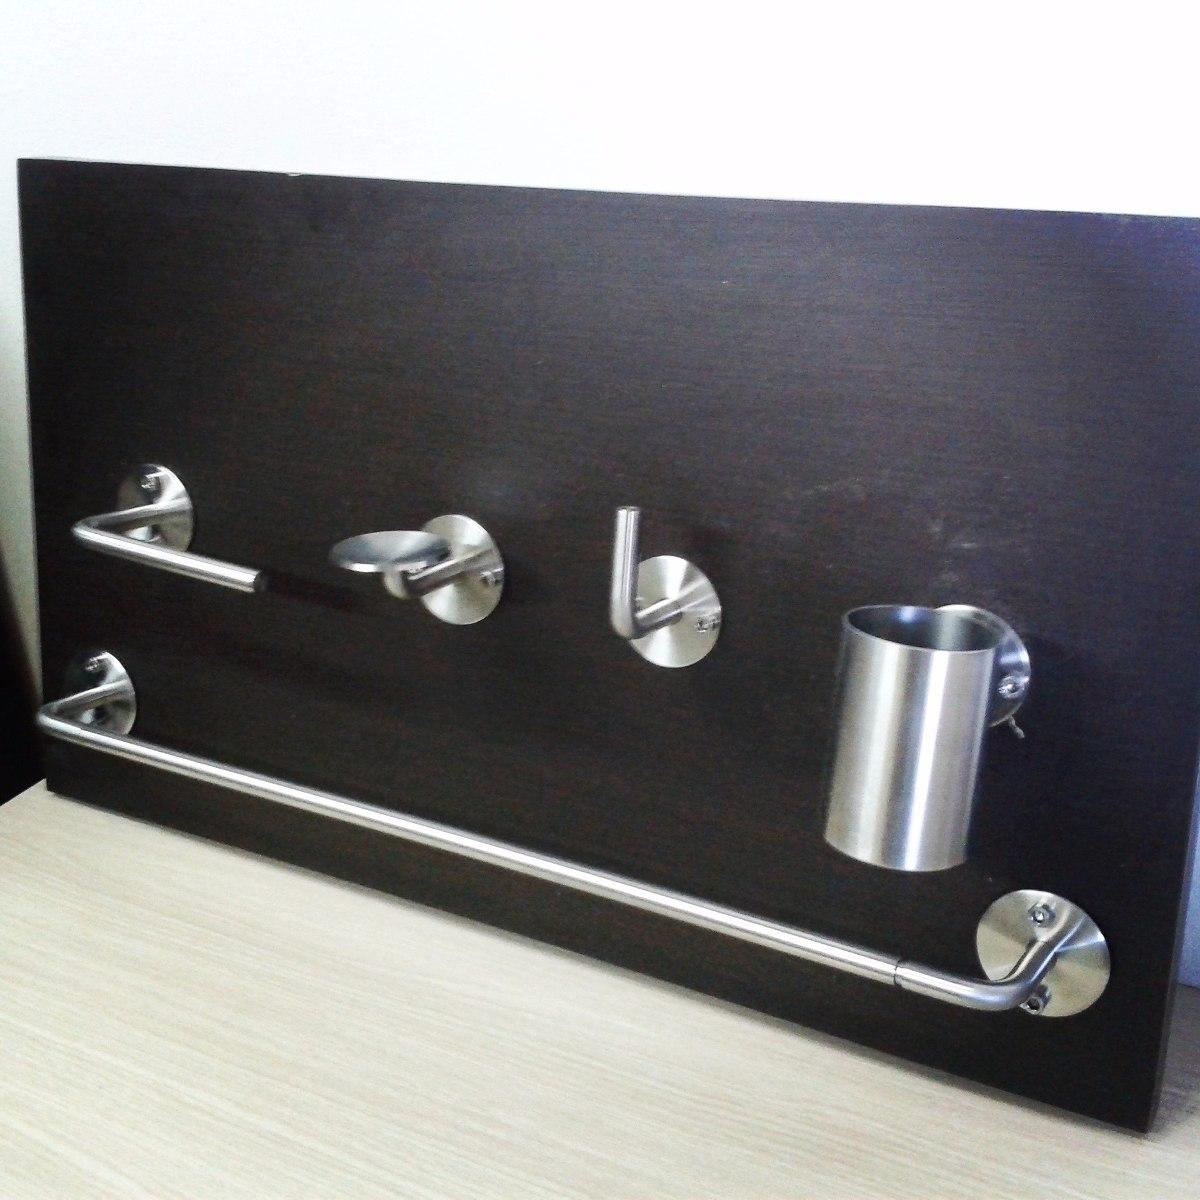 cf2f3841232 accesorios para baño. porta toallas de acero inoxidable. Cargando zoom.